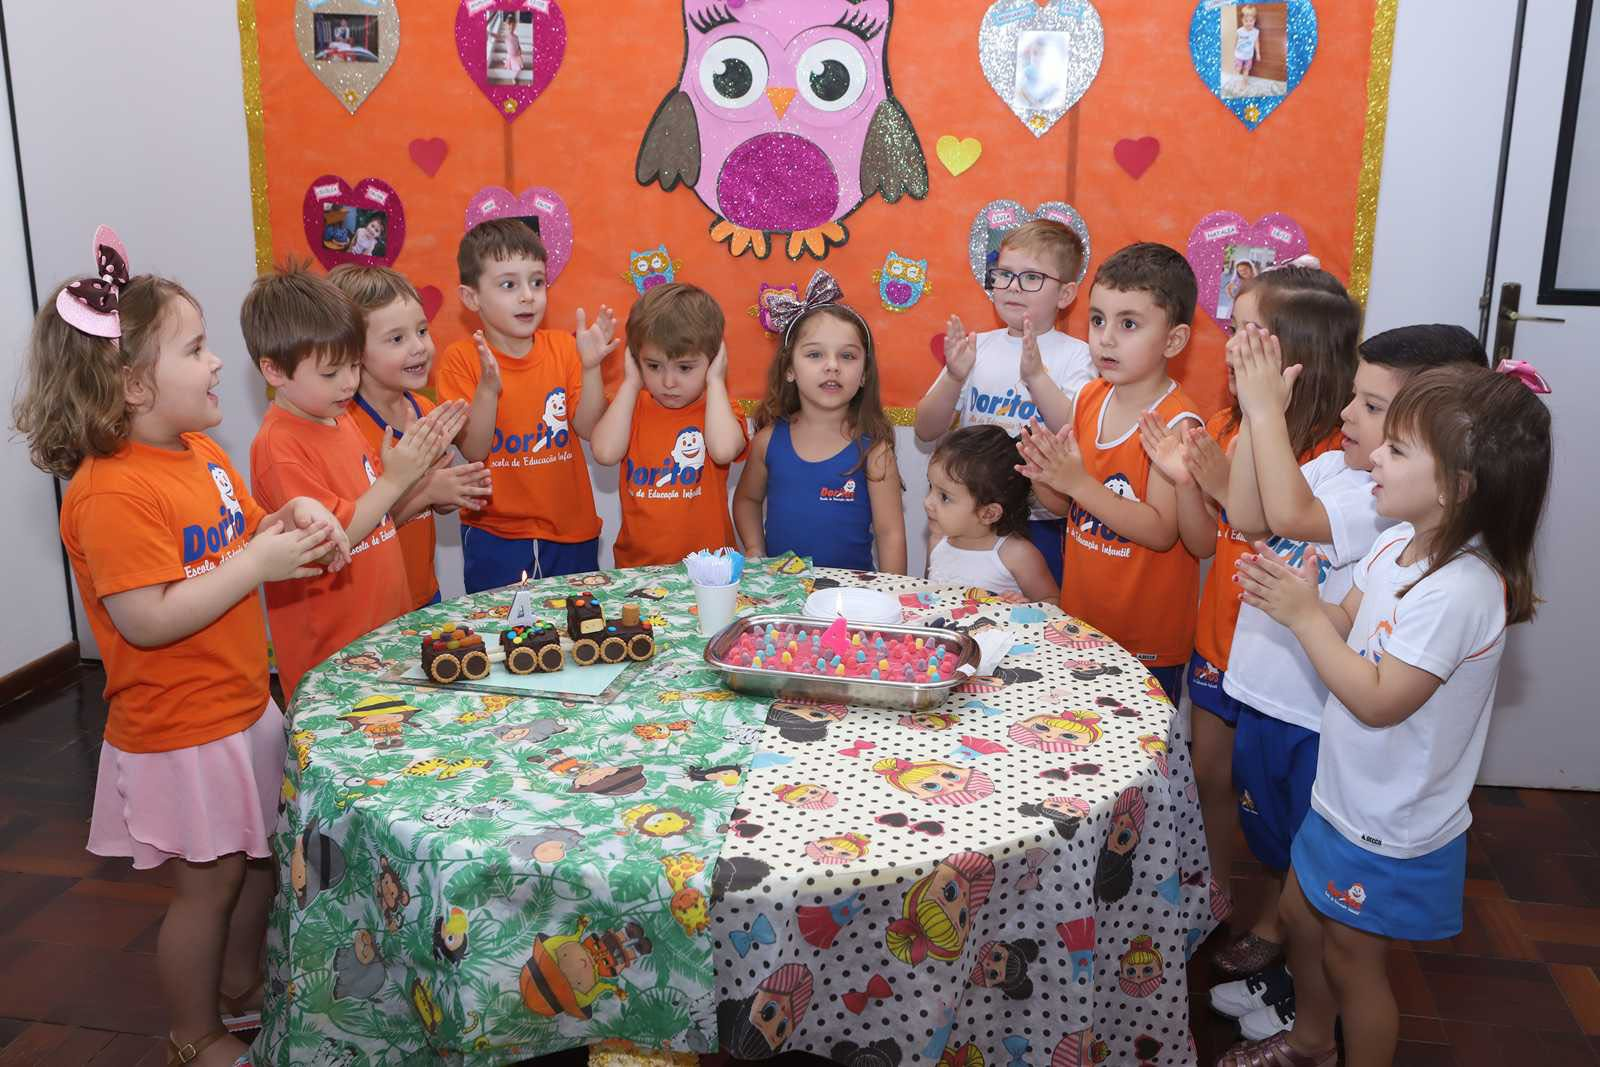 Aniversariantes de Dezembro - Escola Doritos